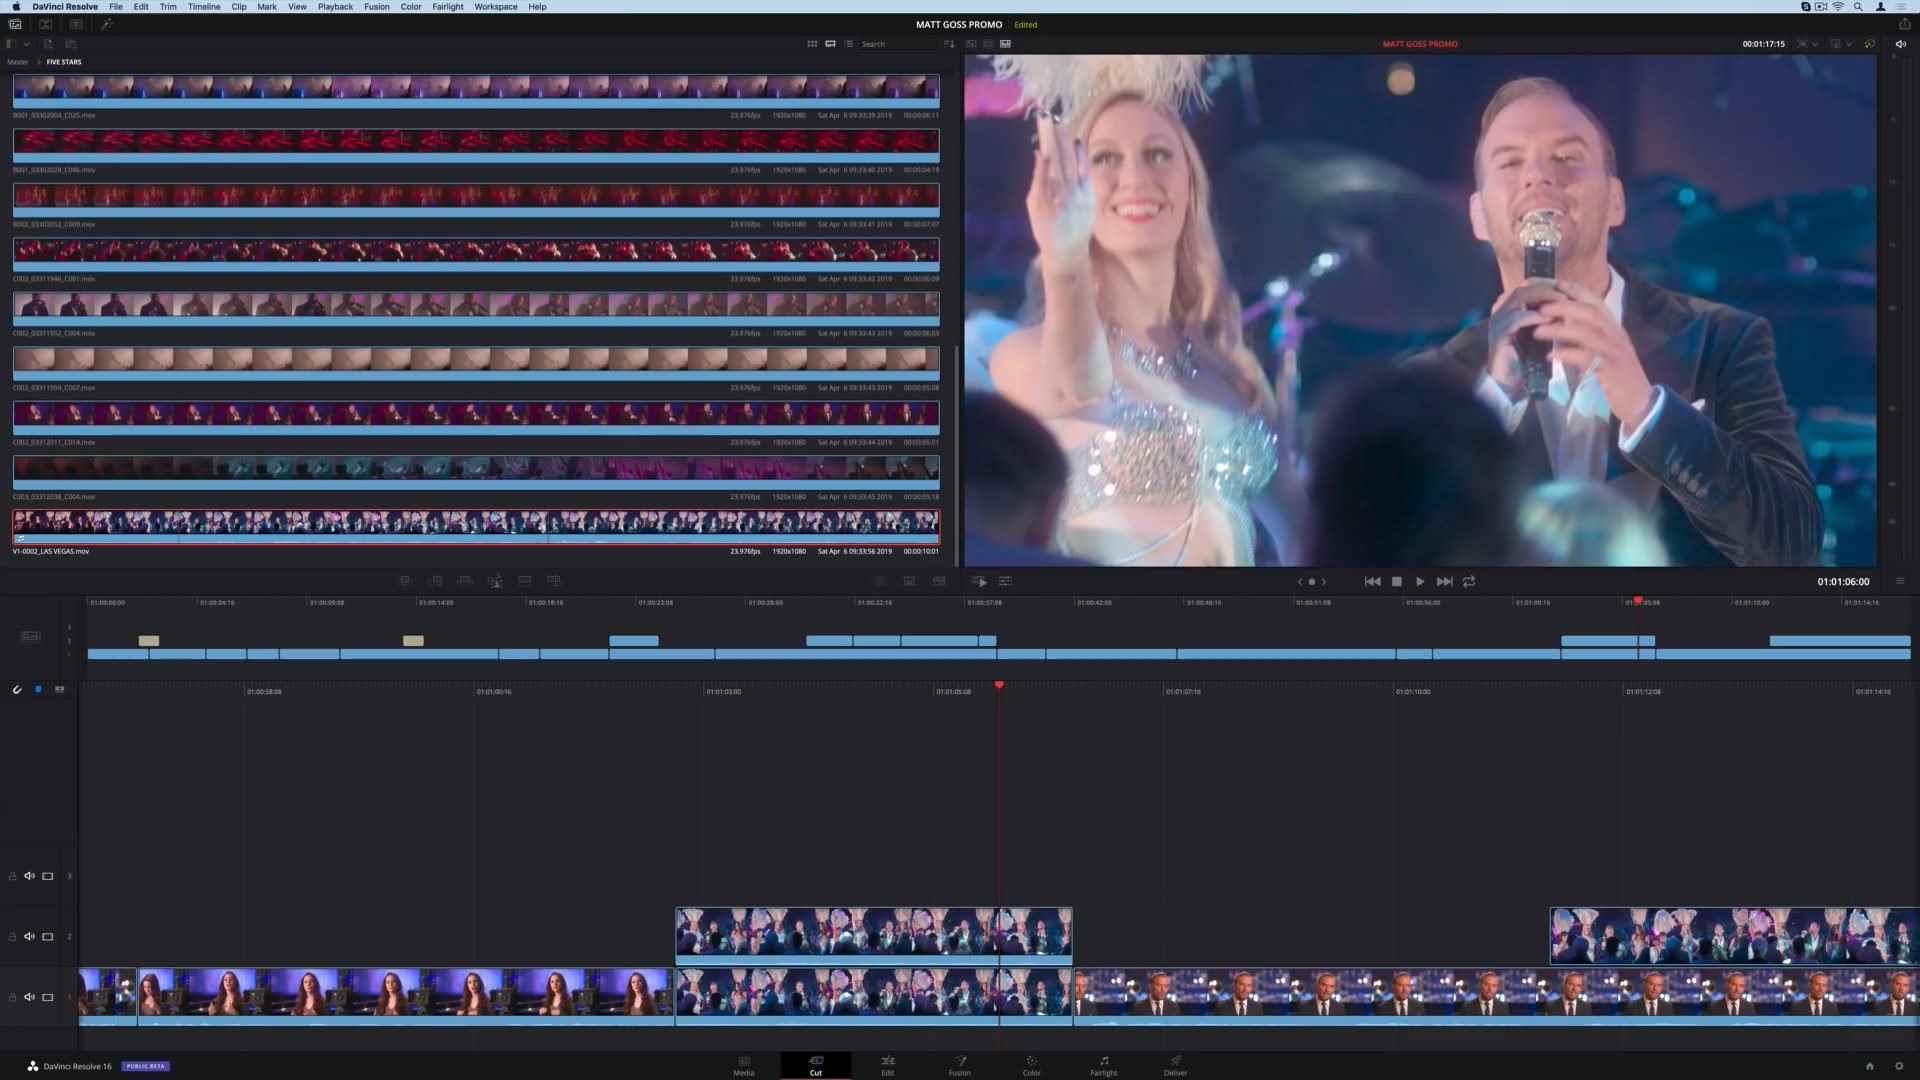 Davinci Resolve Le Meilleur Logiciel De Montage Video Gratuit Passe En Version 16 Geekzone Fr